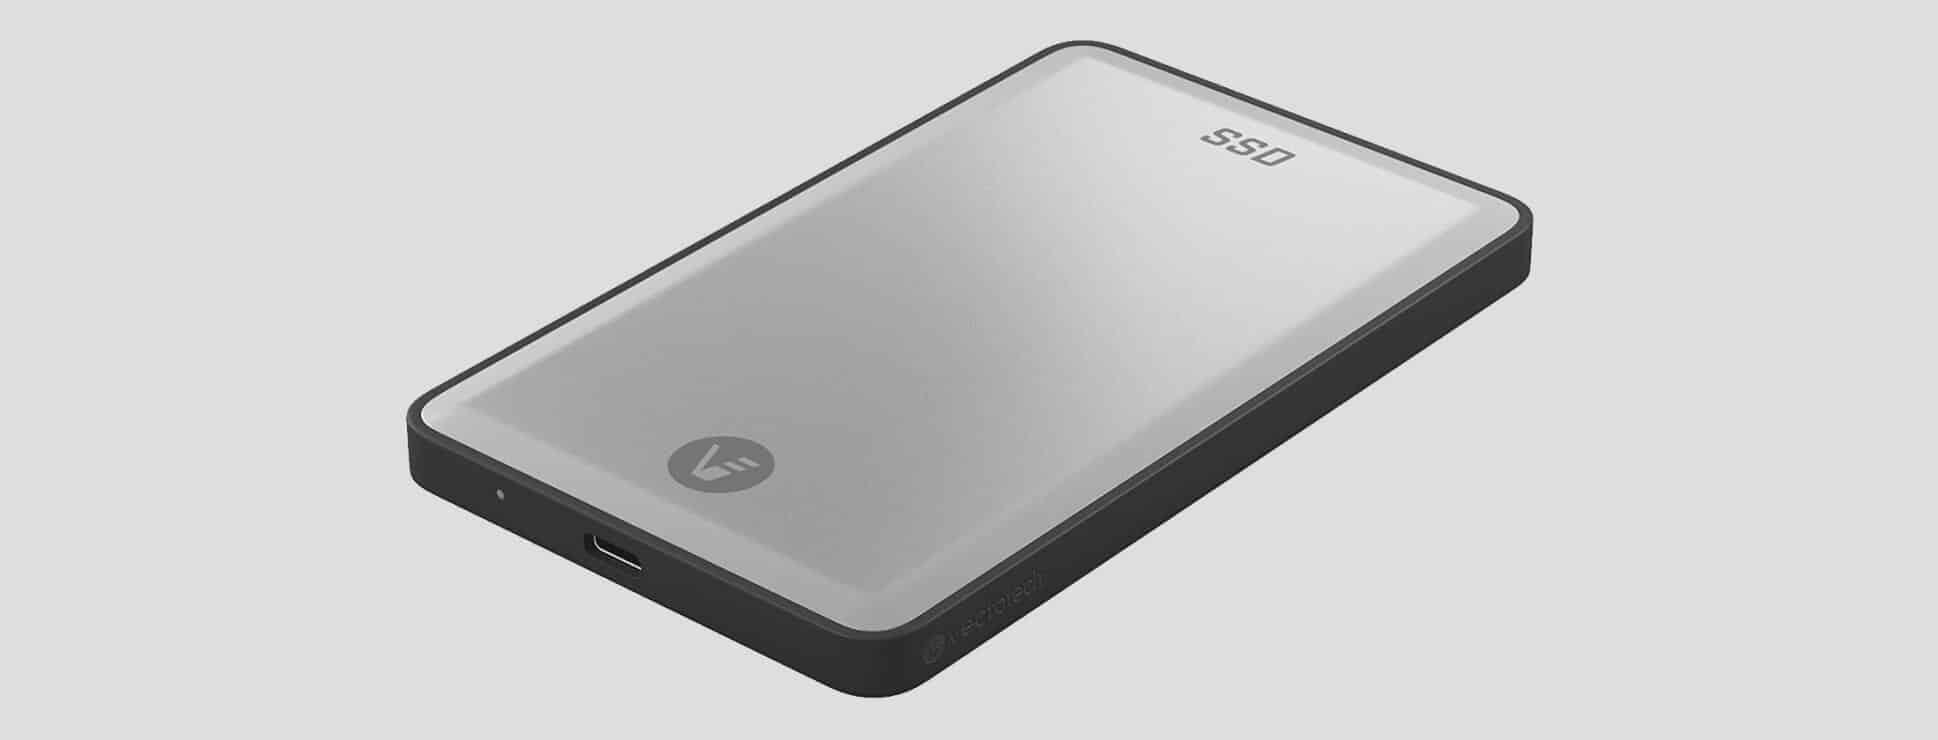 8tb SSD